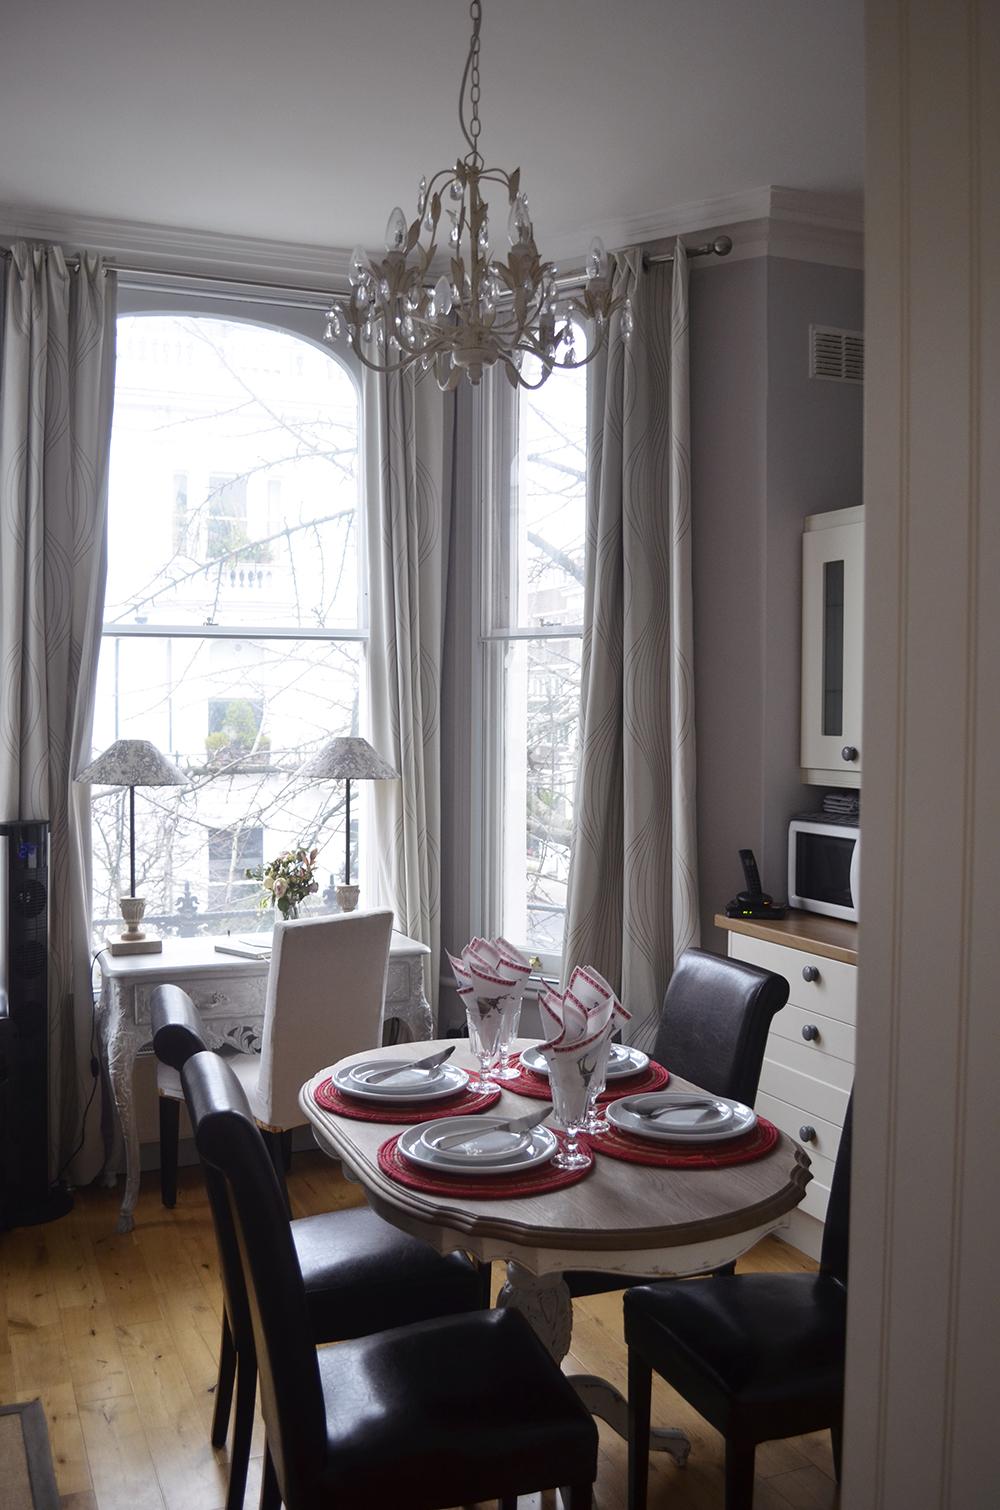 casa londinese in affitto per vacanze